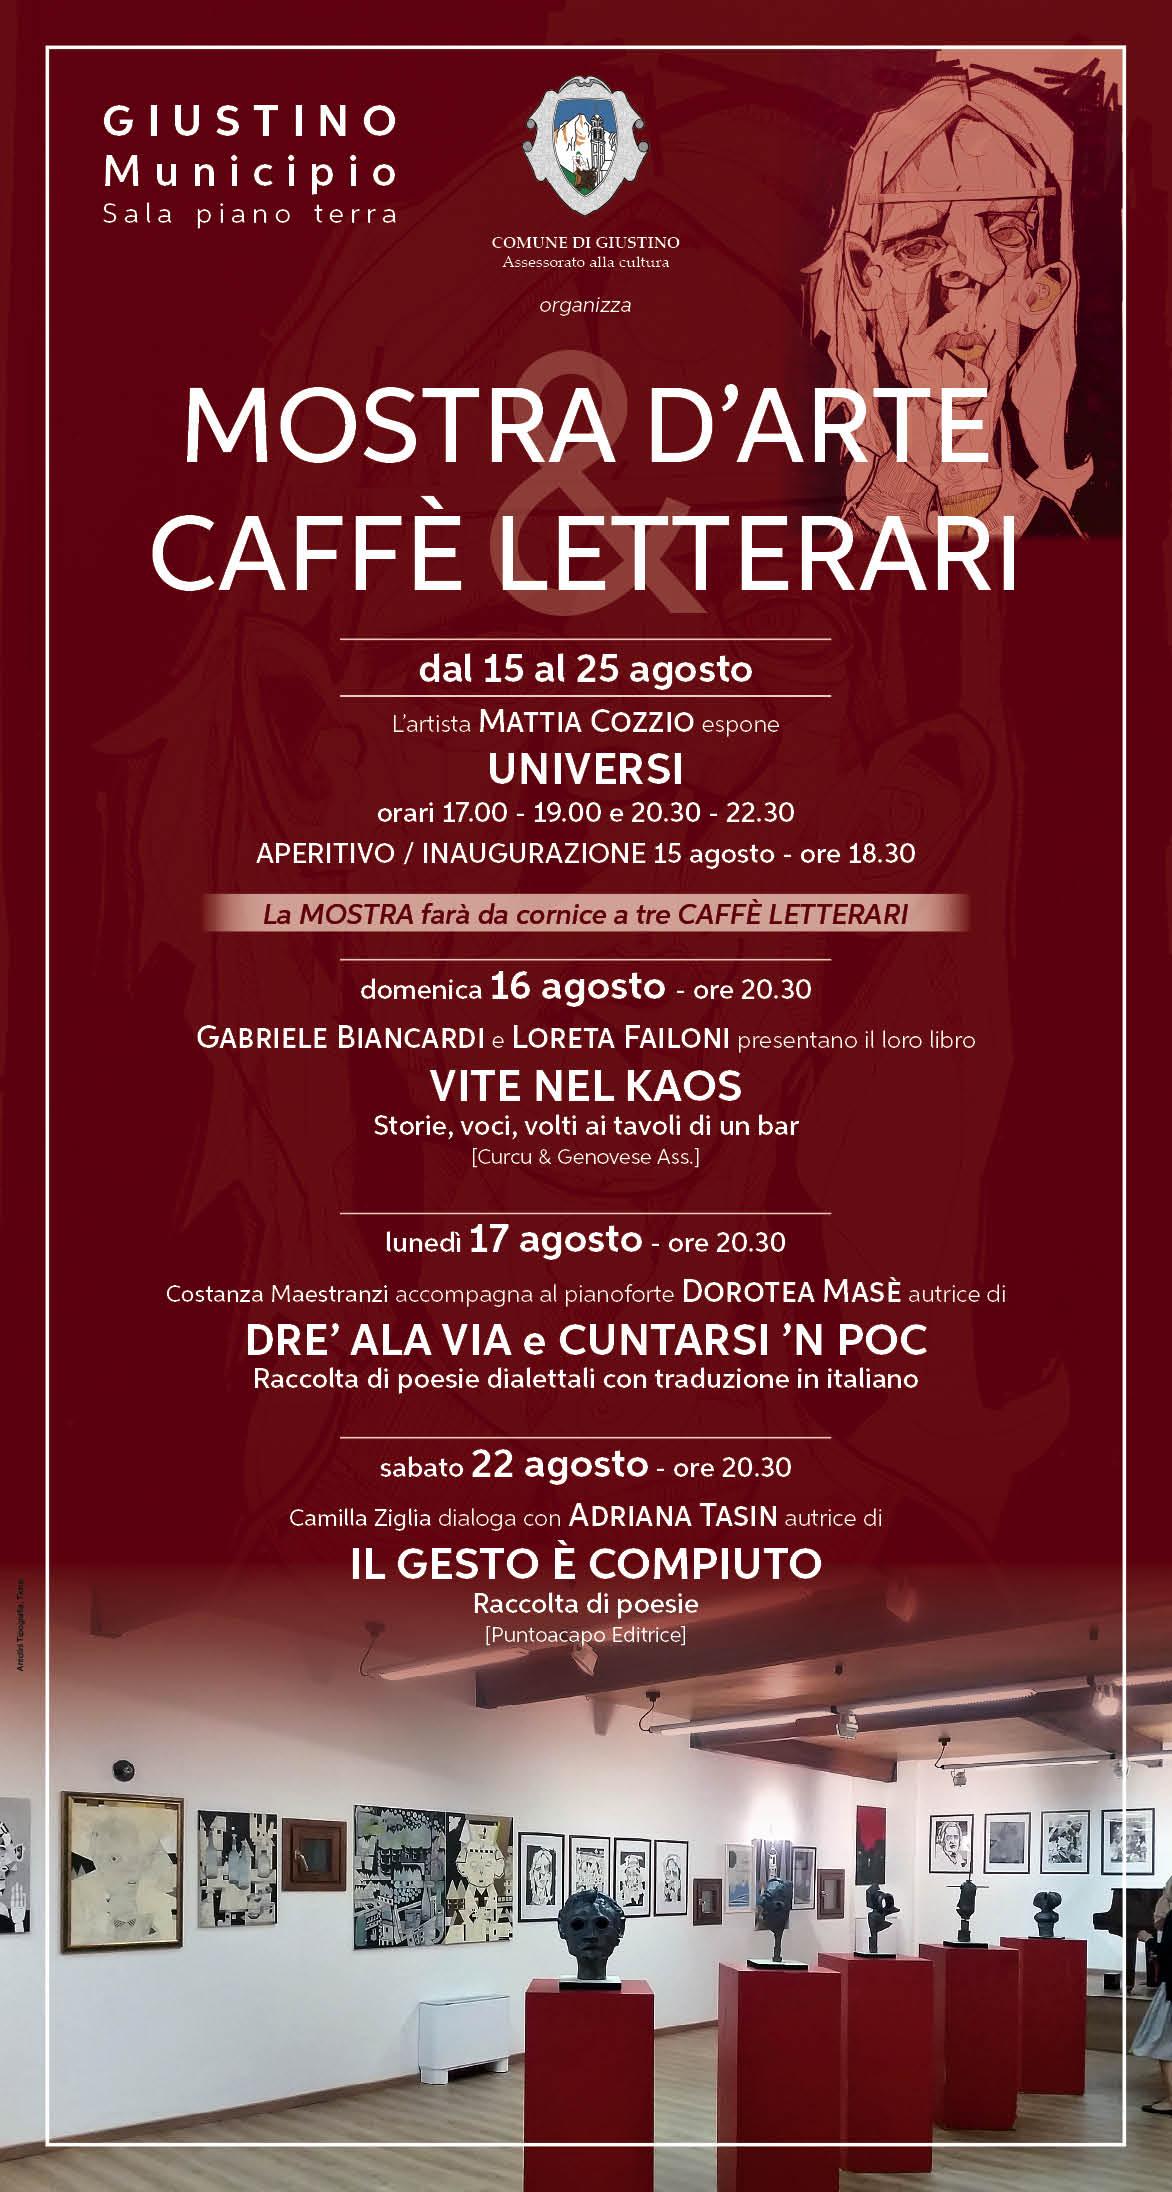 Giustino: Mostra d'arte – Caffè letterari